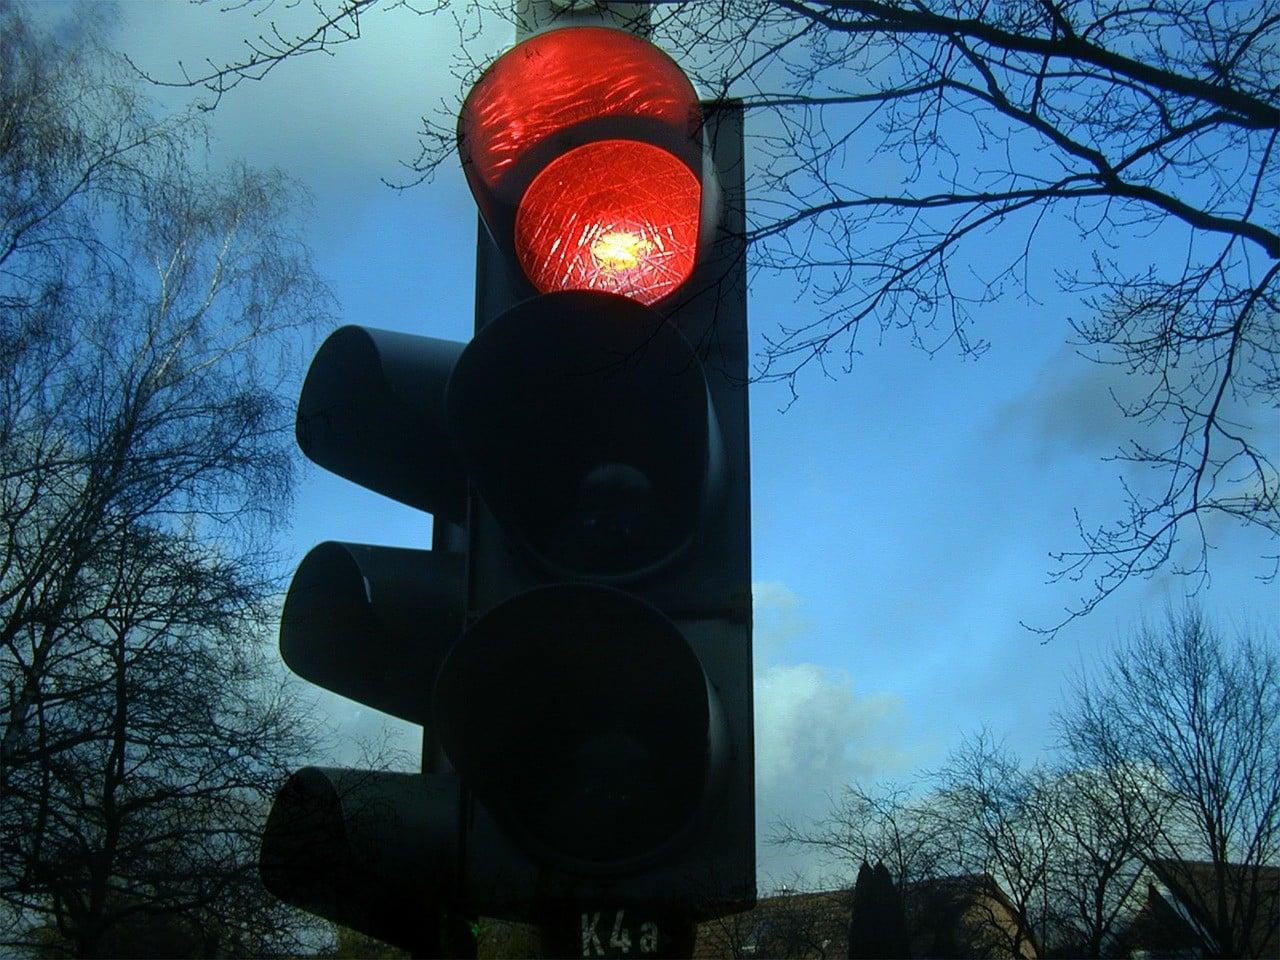 Red-Light Camera